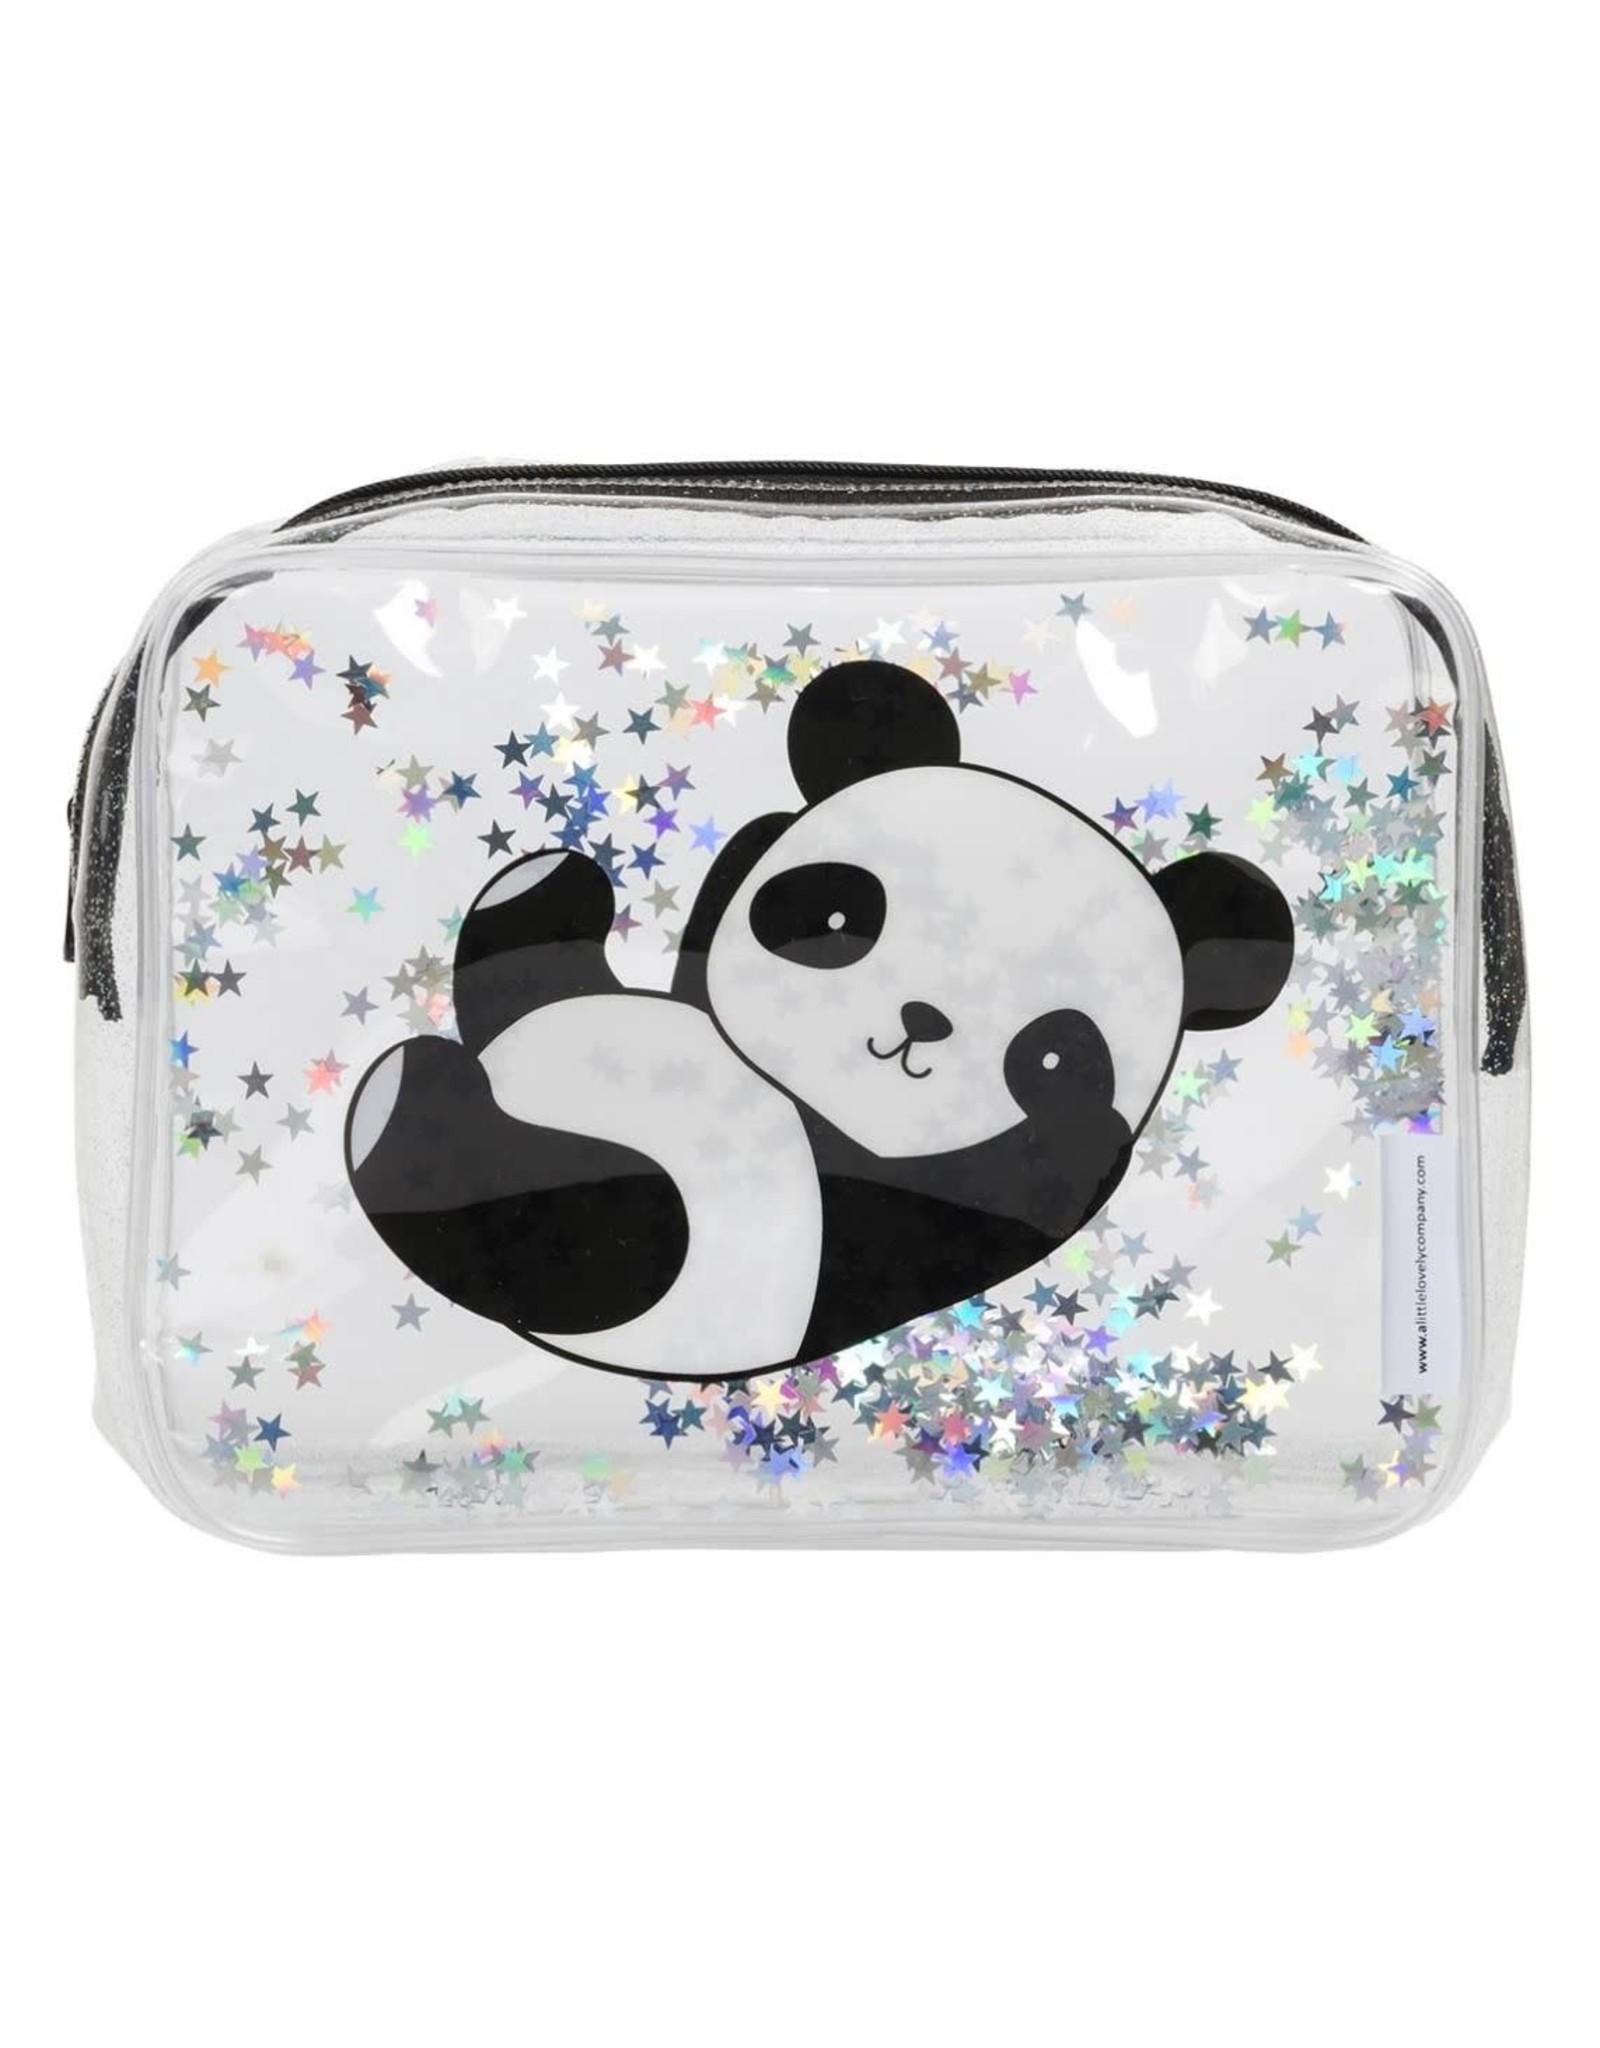 Toiletzak glitter panda